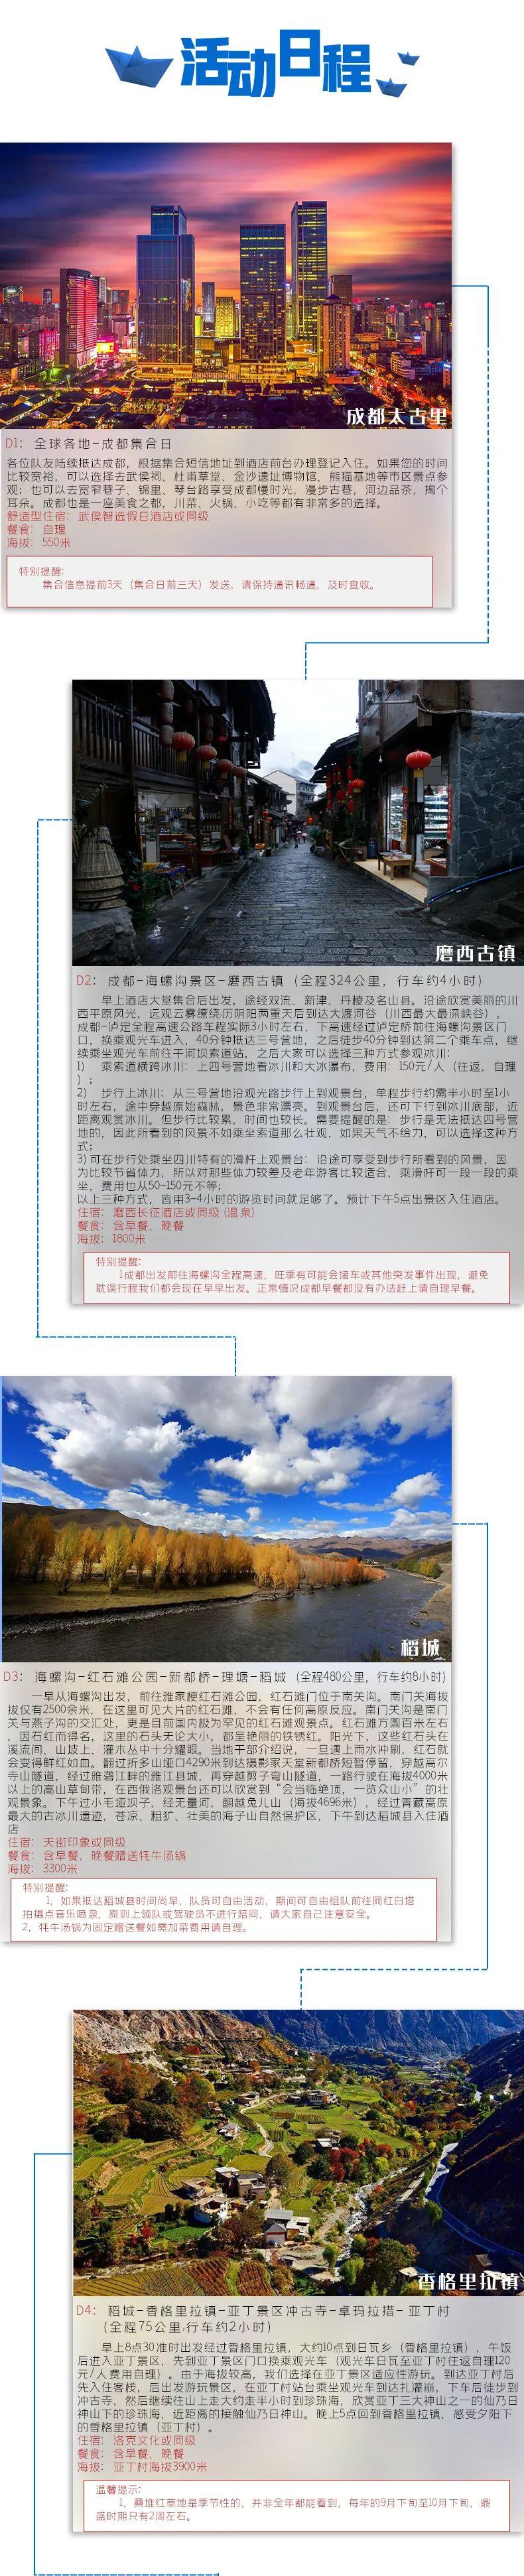 (8)【海稻传奇】稻城亚丁海螺沟红石滩冰川深度7日游-户外活动图-驼铃网